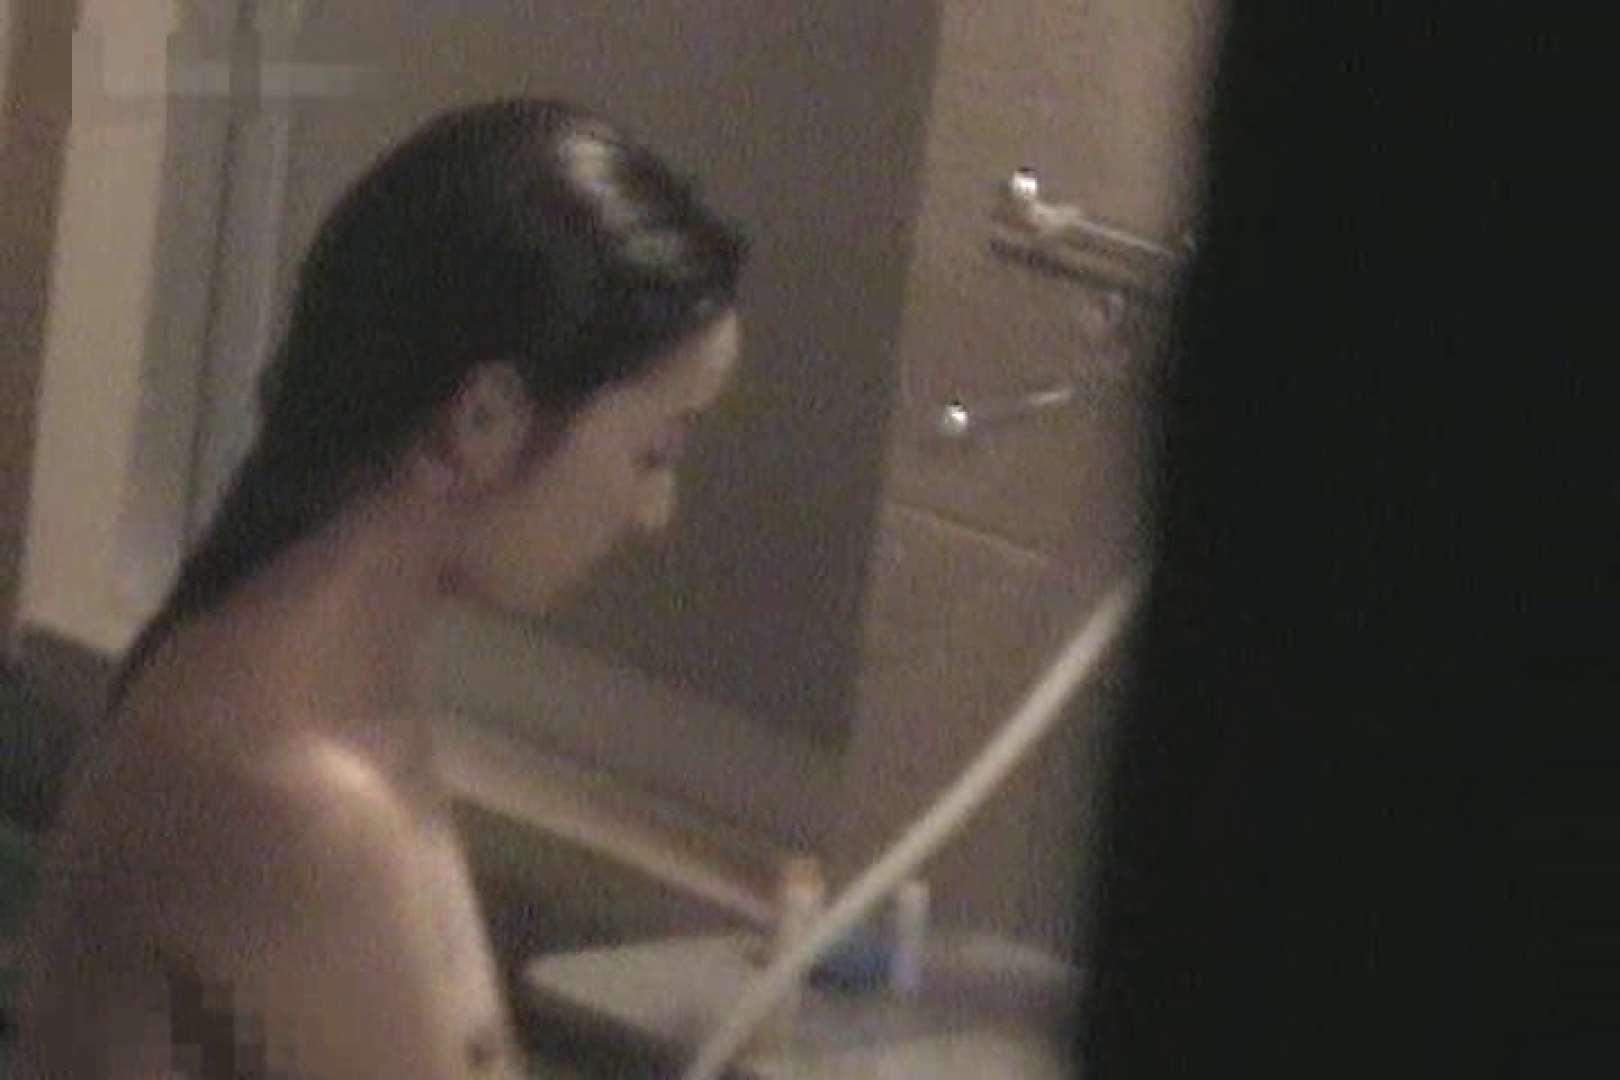 激撮ストーカー記録あなたのお宅拝見しますVol.6 美女OL すけべAV動画紹介 69連発 30